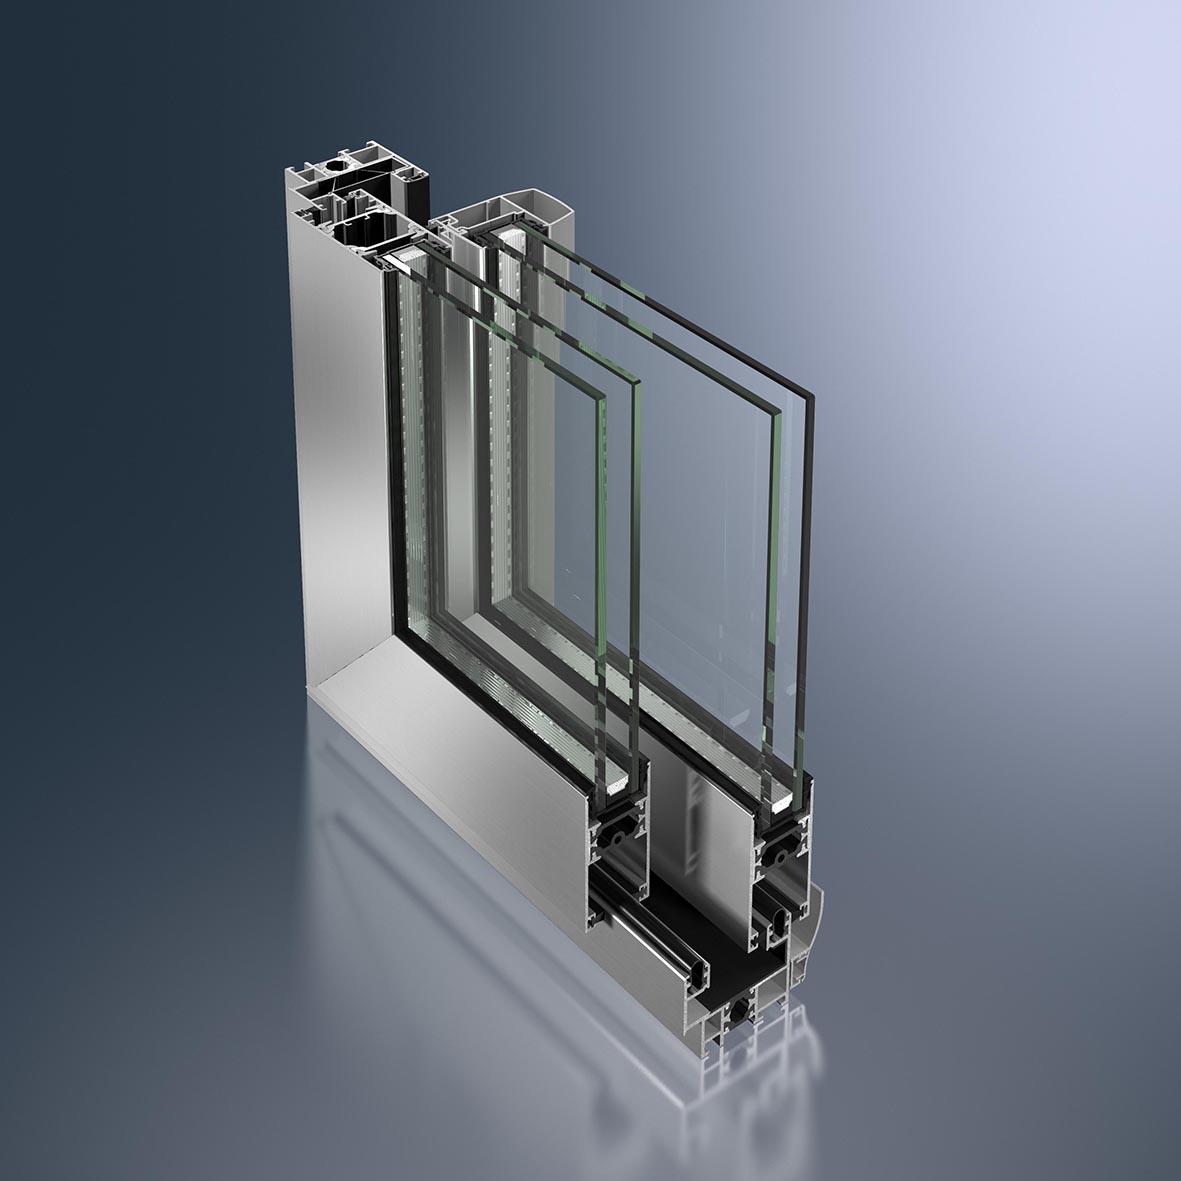 La baie coulissante menuiseries aluminium pour les for Rideaux fenetre 3 vantaux